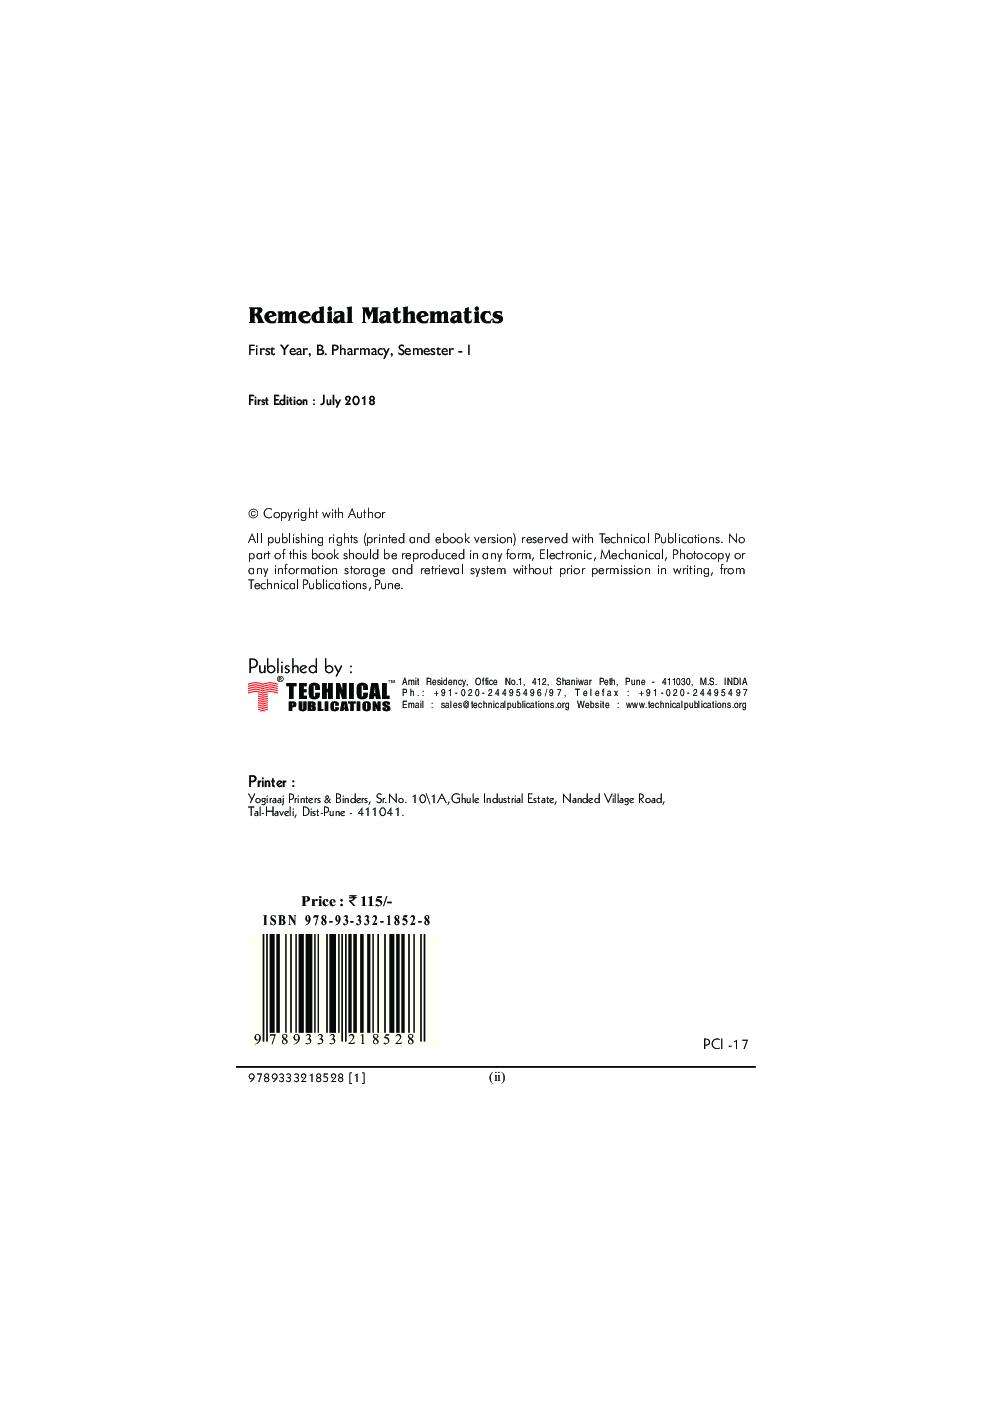 Remedial Mathematics - Page 3